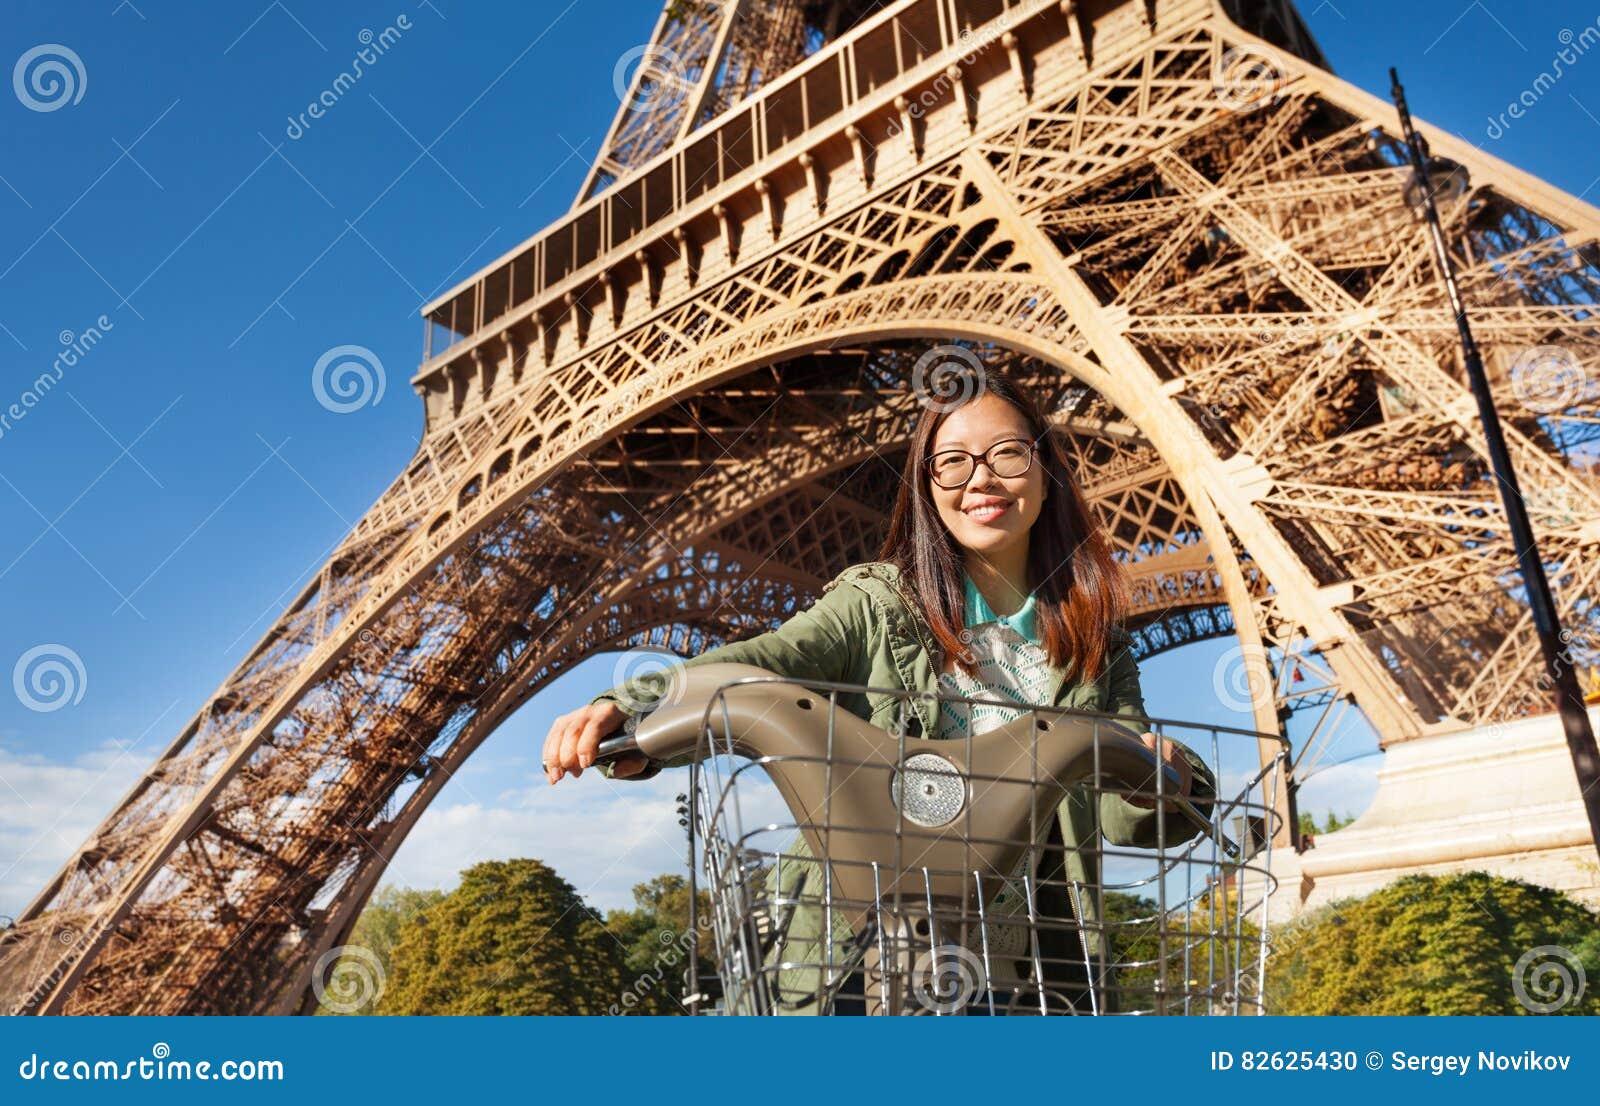 Nätt ridningcykel för ung kvinna nära Eiffeltorn